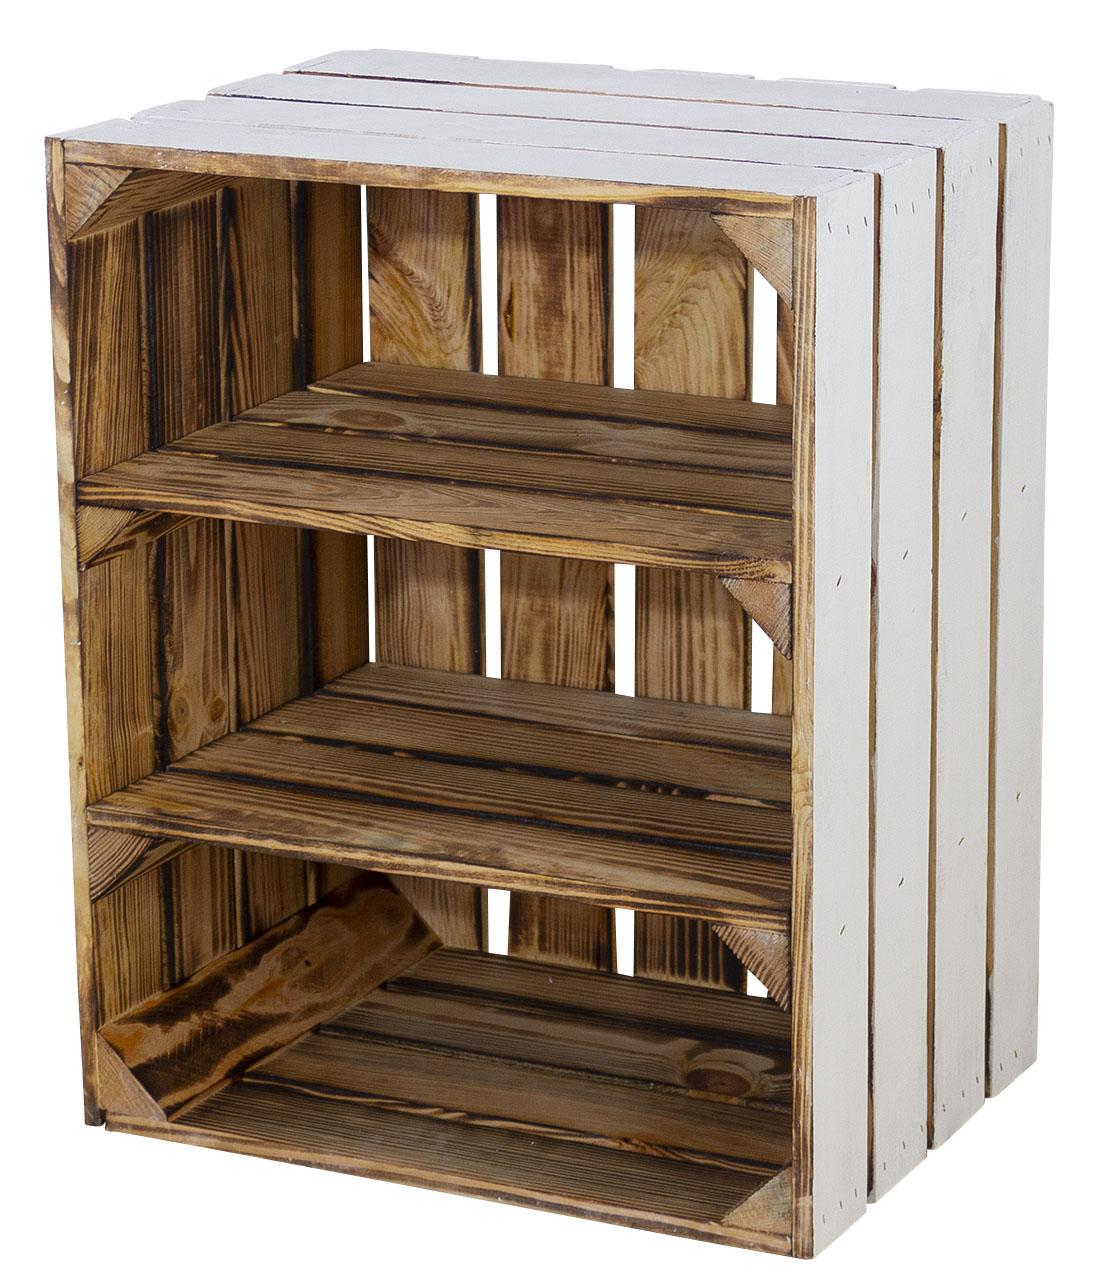 Regalkiste -quer- außen weiß innen 2 geflammte Bretter 50x40x30cm